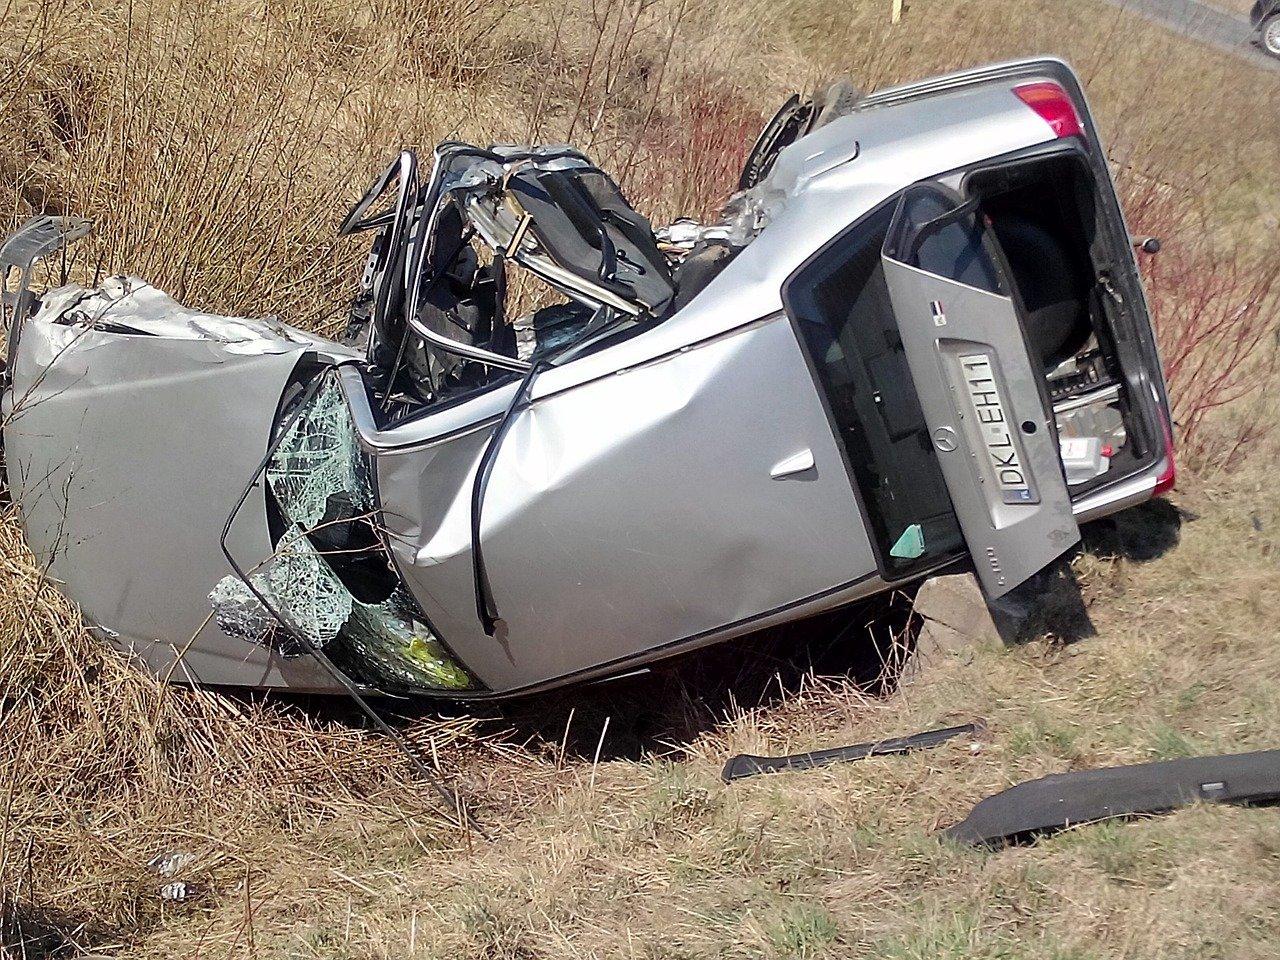 Une voiture totalement détruite suite à un accident. | Photo : Pixabay